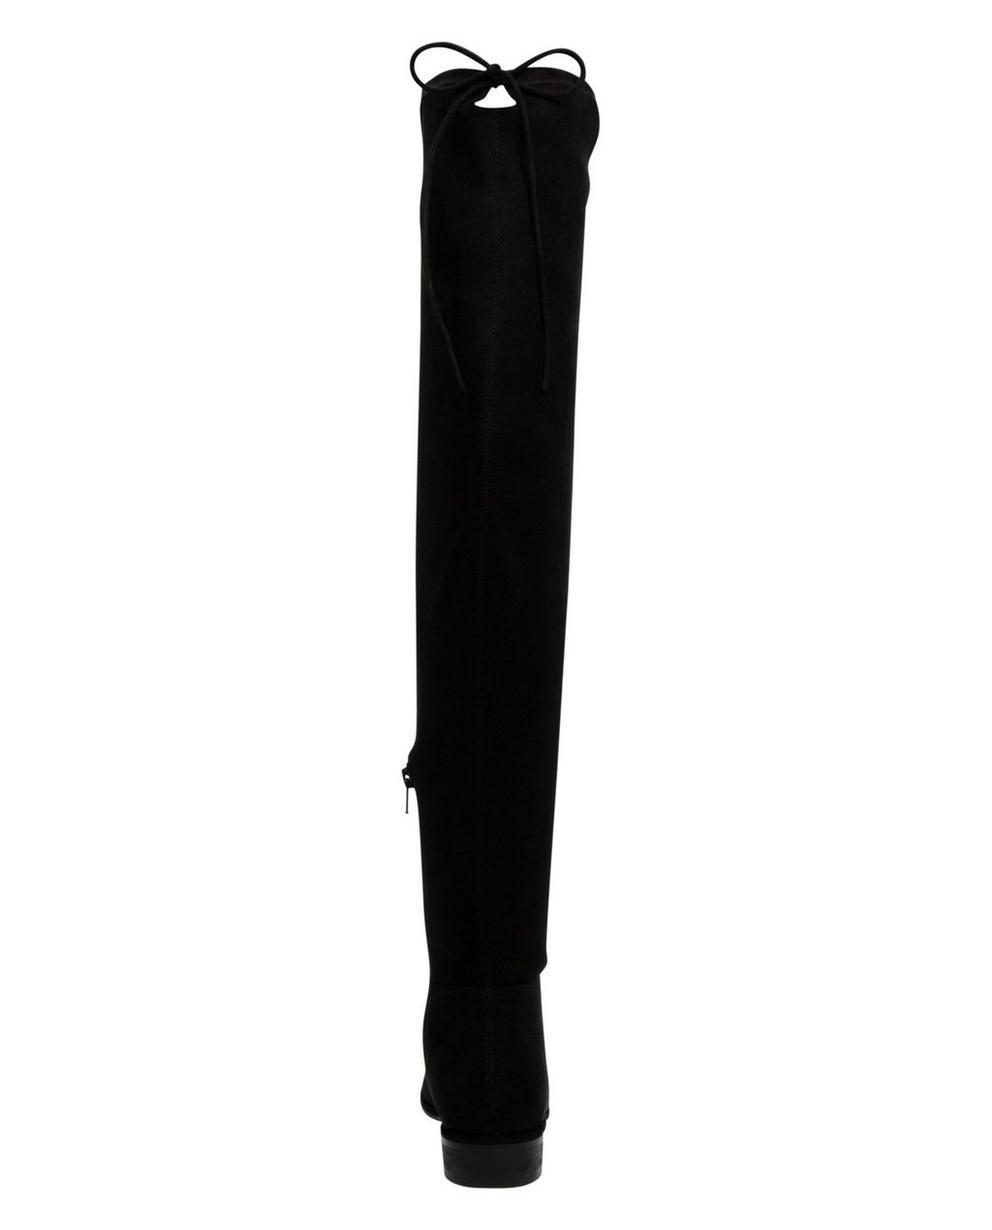 Schoenen - ZWM - Zwarte overknee laarzen